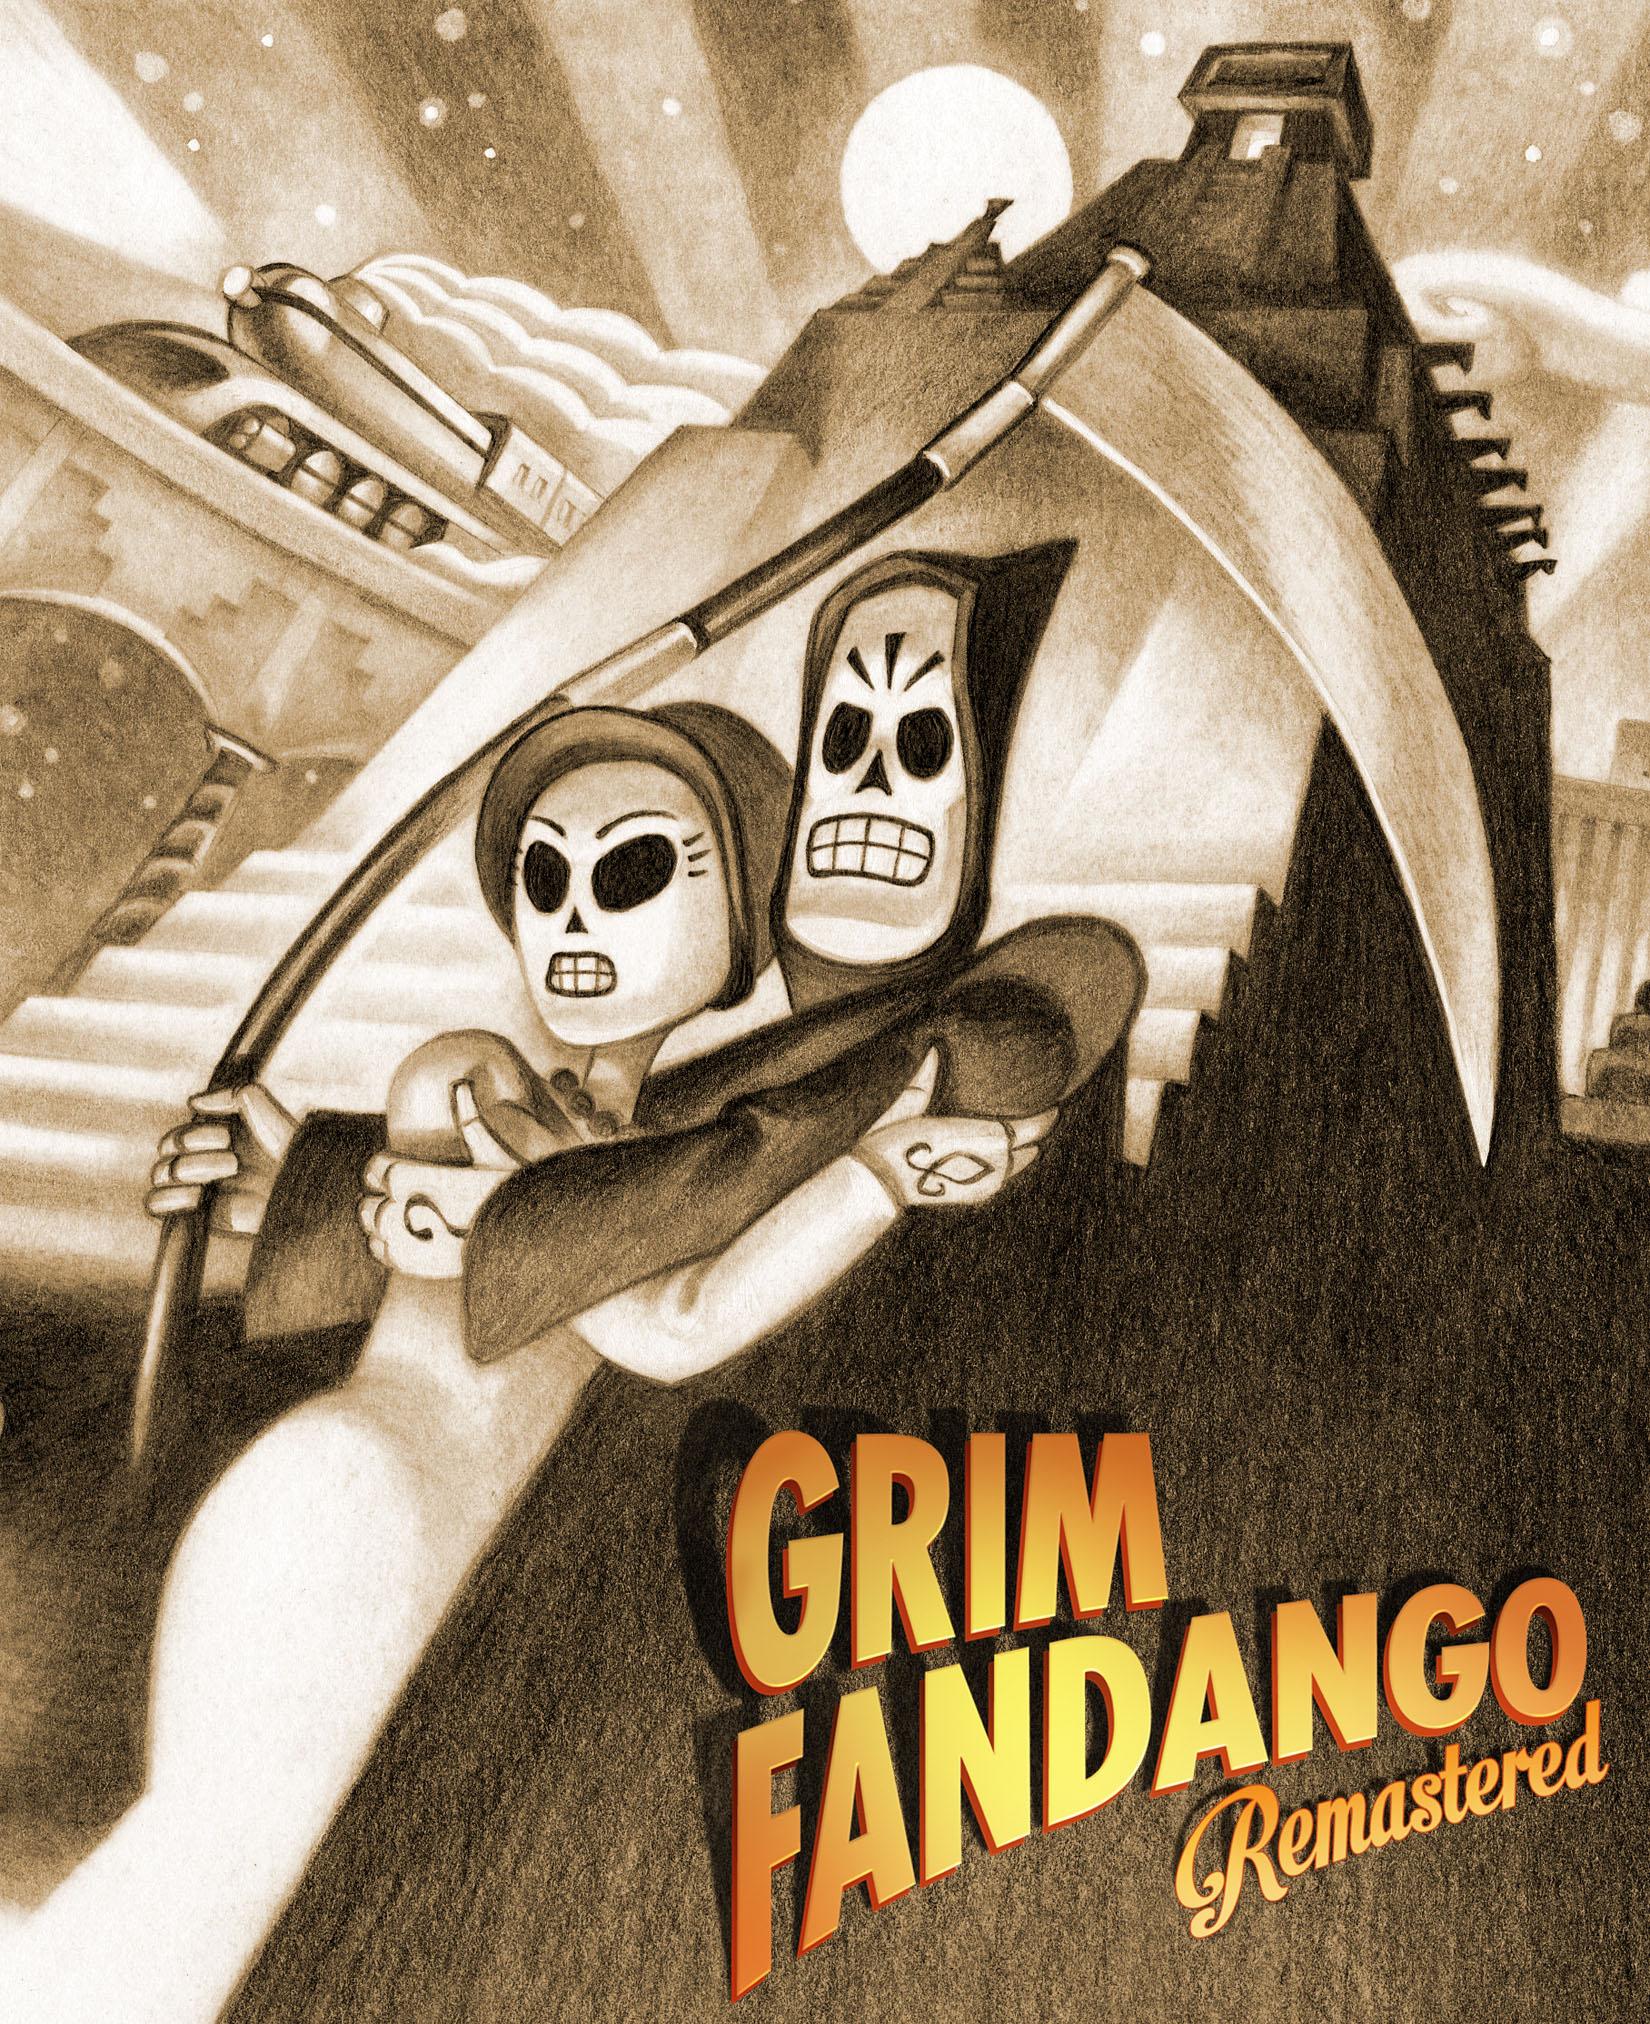 Grim Fandango Remastered HD wallpapers, Desktop wallpaper - most viewed